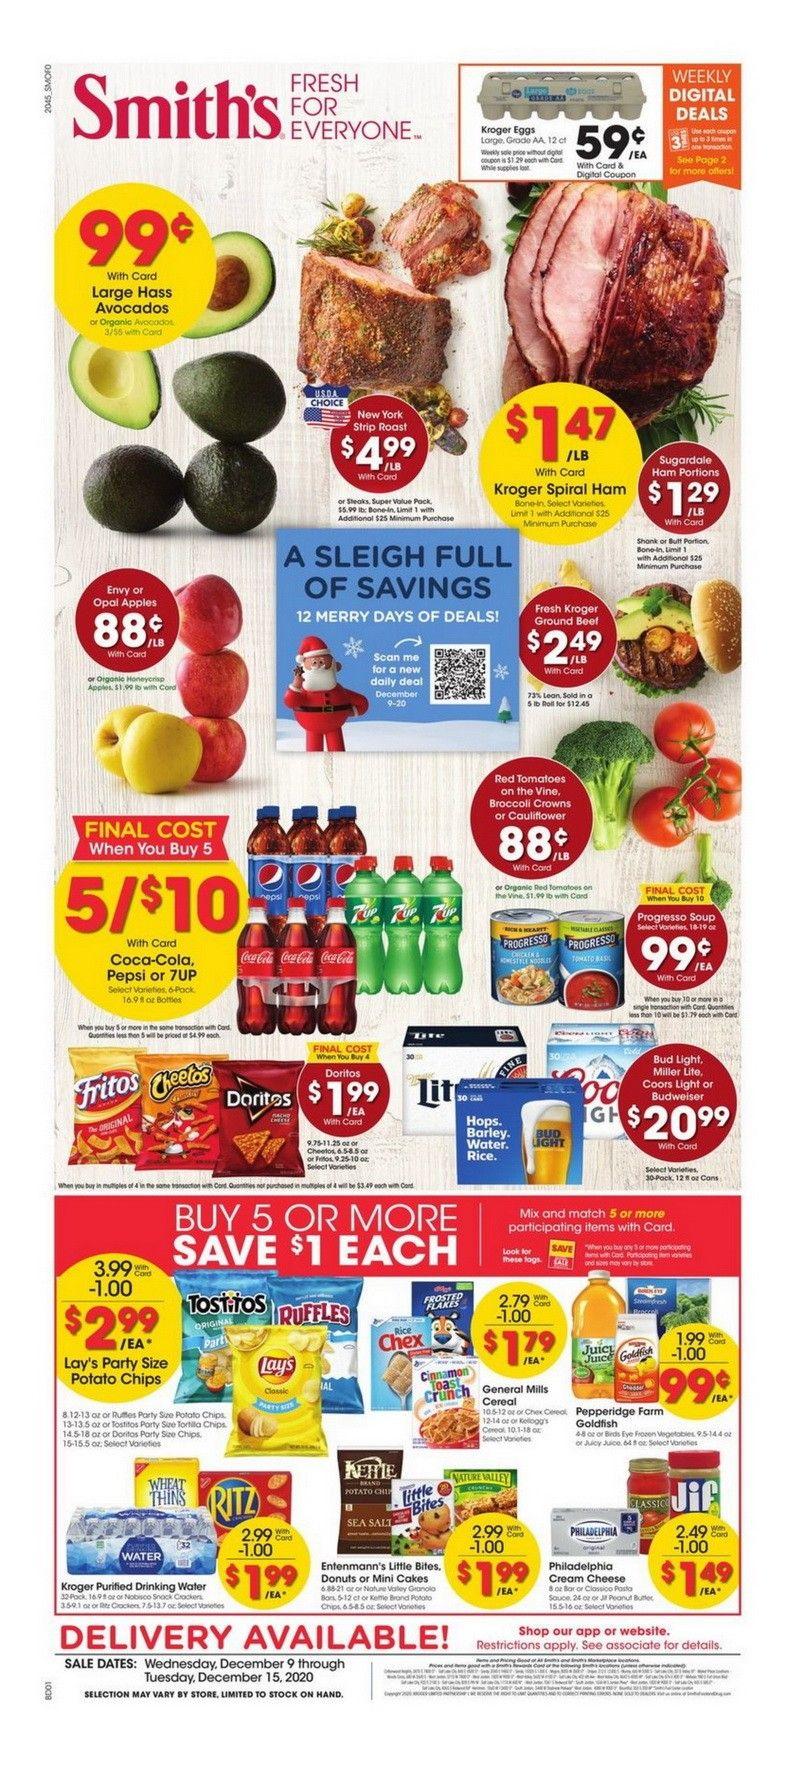 Smith's Food and Drug Weekly Circular Dec 09 - Dec 15, 2020